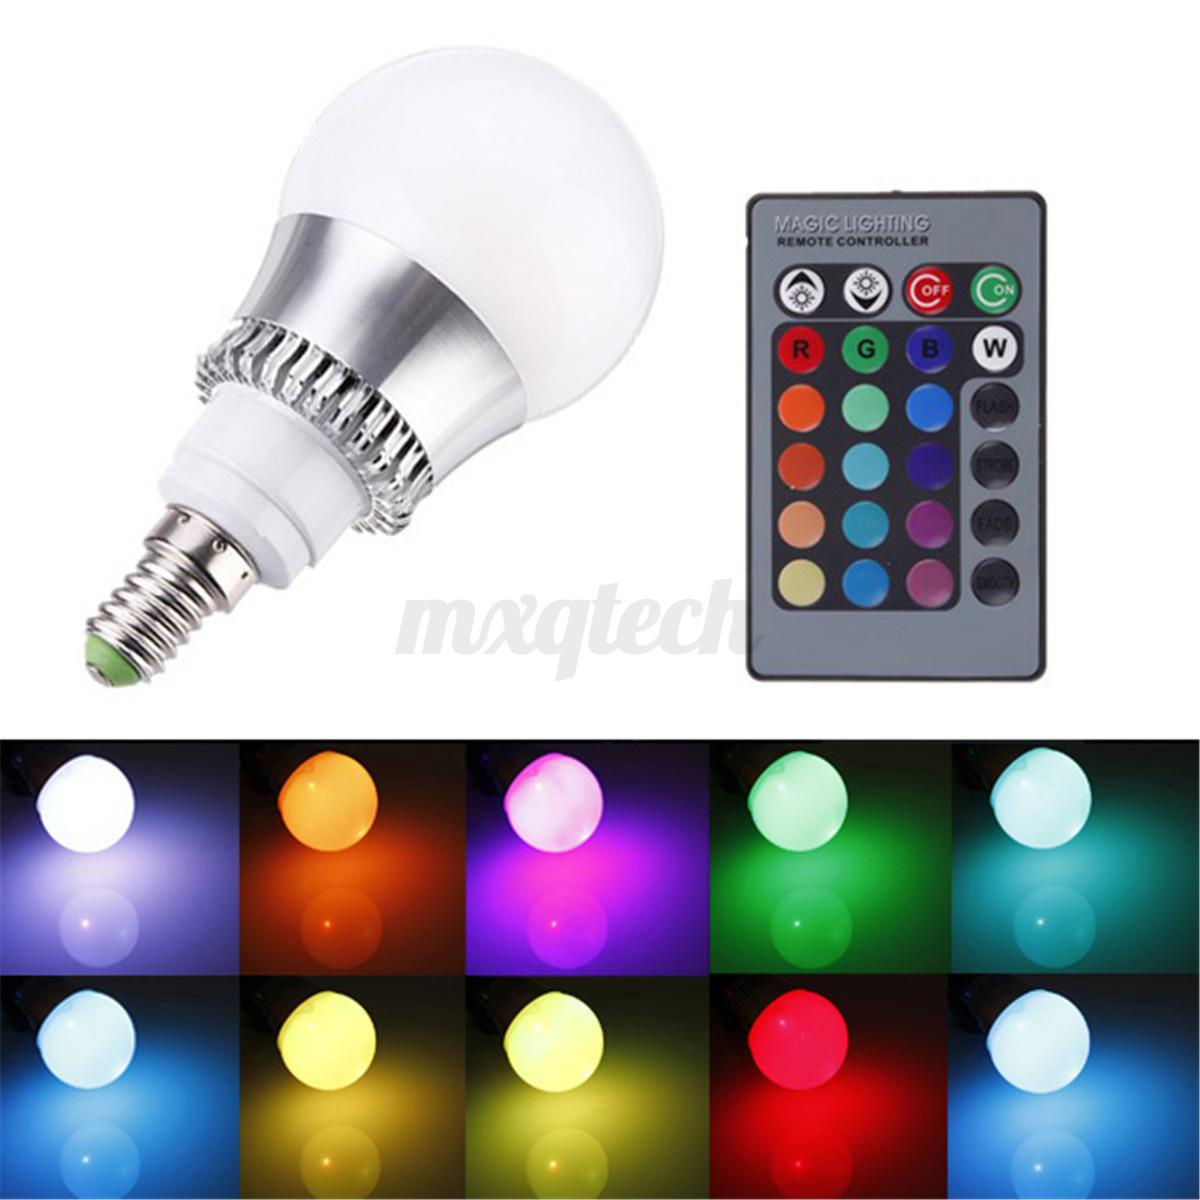 3w 9w 12w rgb e27 e14 b22 mr16 gu10 led light color changing lamp bulb remote ebay. Black Bedroom Furniture Sets. Home Design Ideas